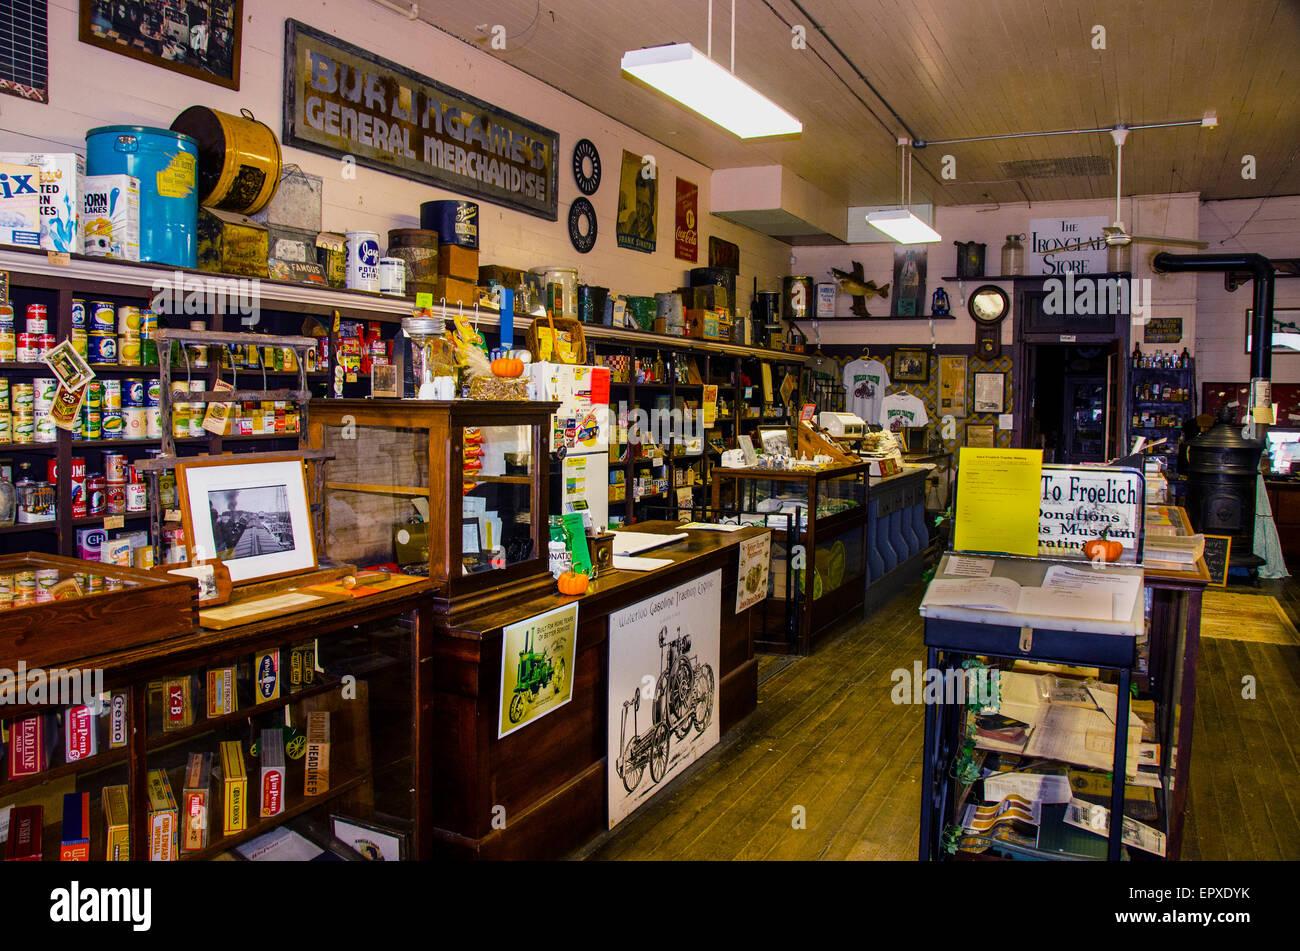 L'intérieur de marchandises générales de Burlingame en magasin Froelich, Iowa, l'un des premiers grands magasins Banque D'Images